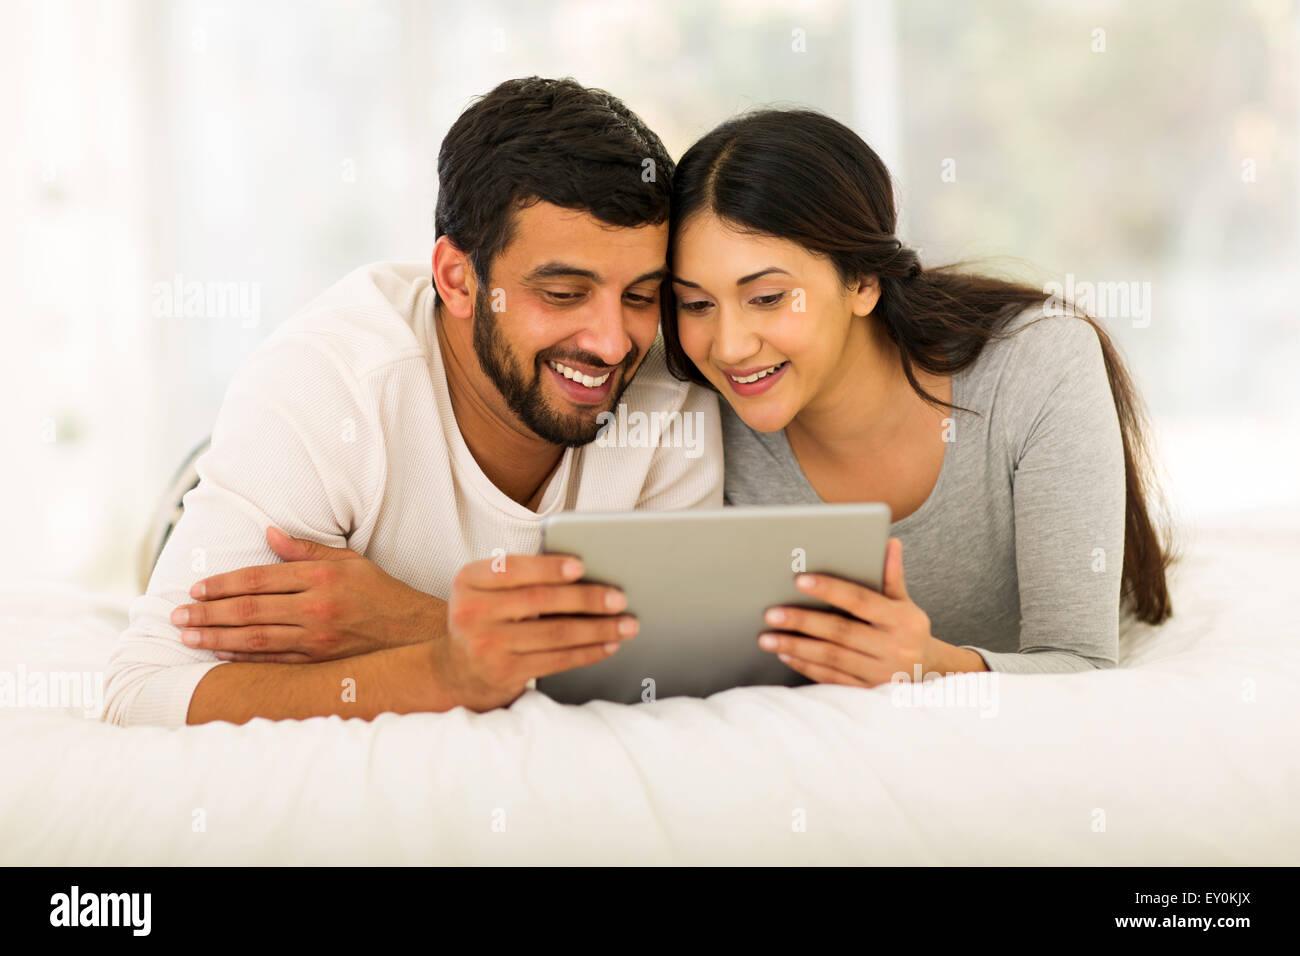 Felice giovani indiani giovane sdraiato sul letto e utilizzando un tablet pc a casa Immagini Stock